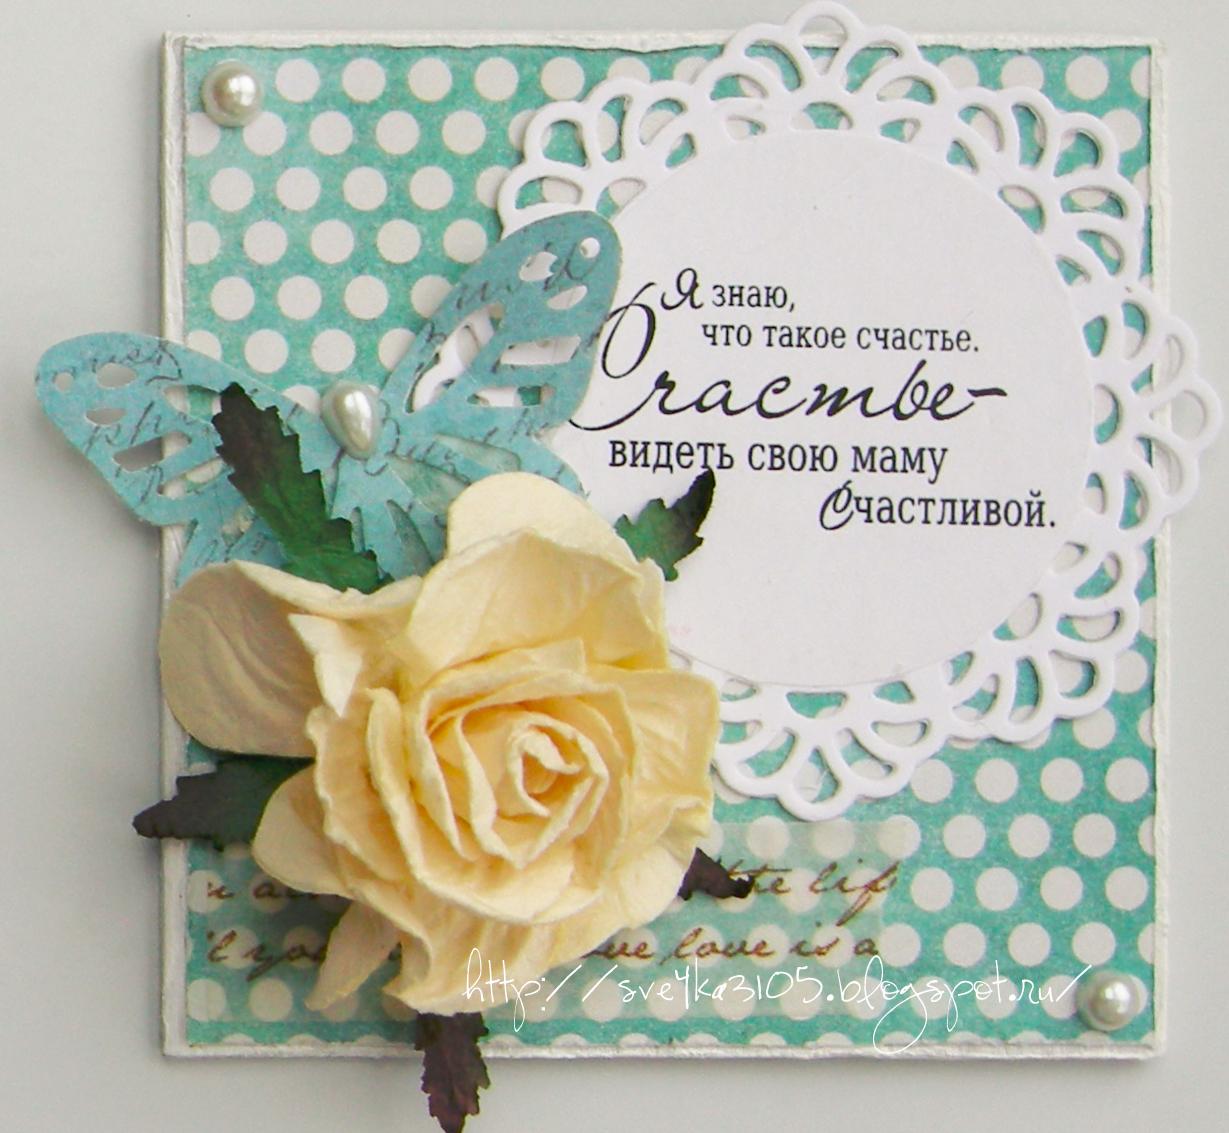 Красивые открытки с Днём рождения маме, скачать бесплатно, отправить 87